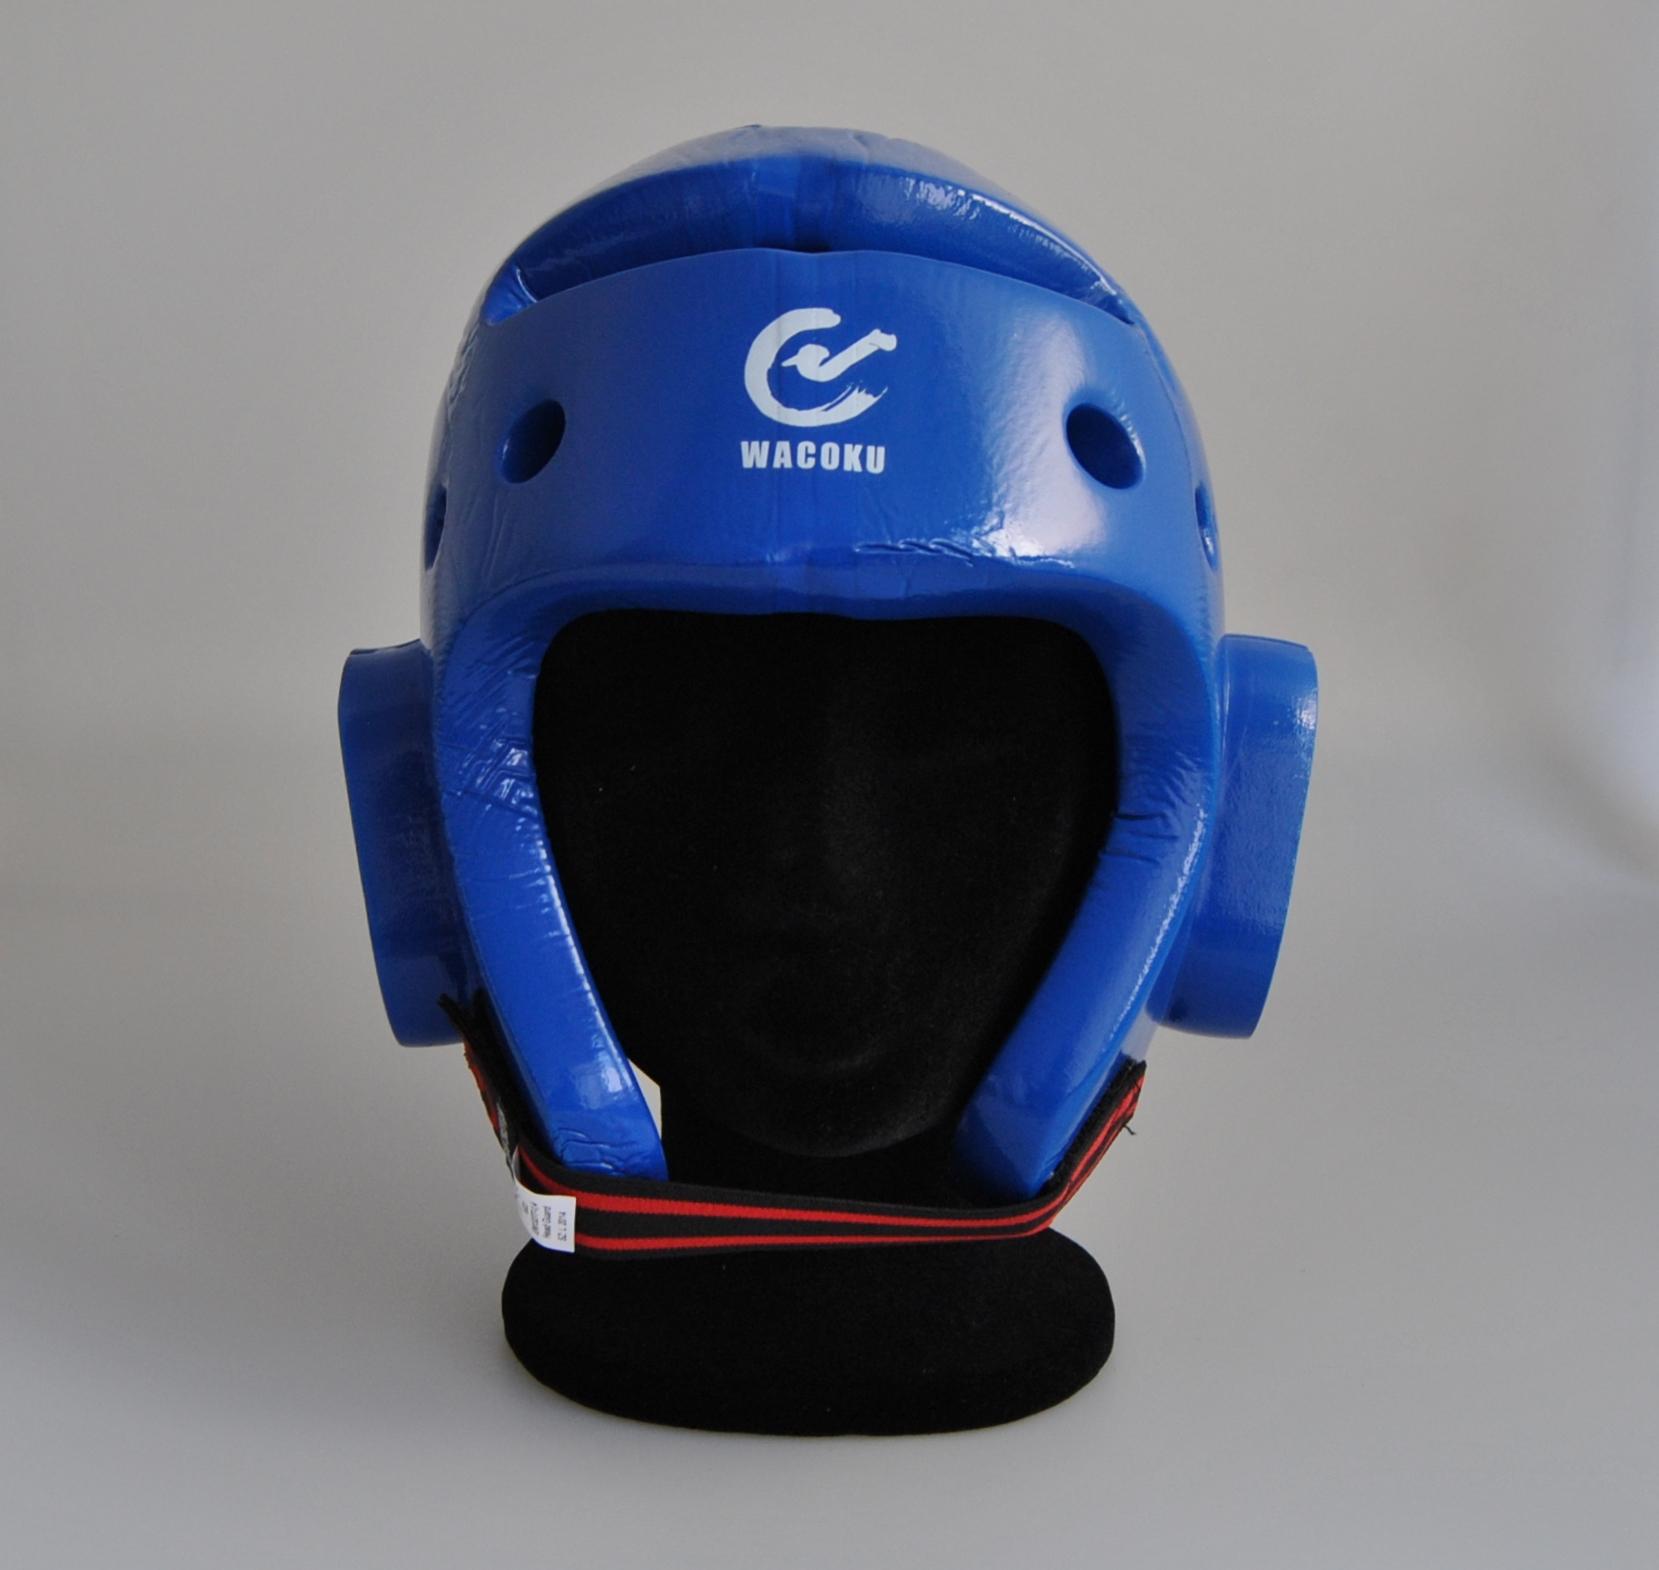 WACOKU WTF-Kopfschutz blau